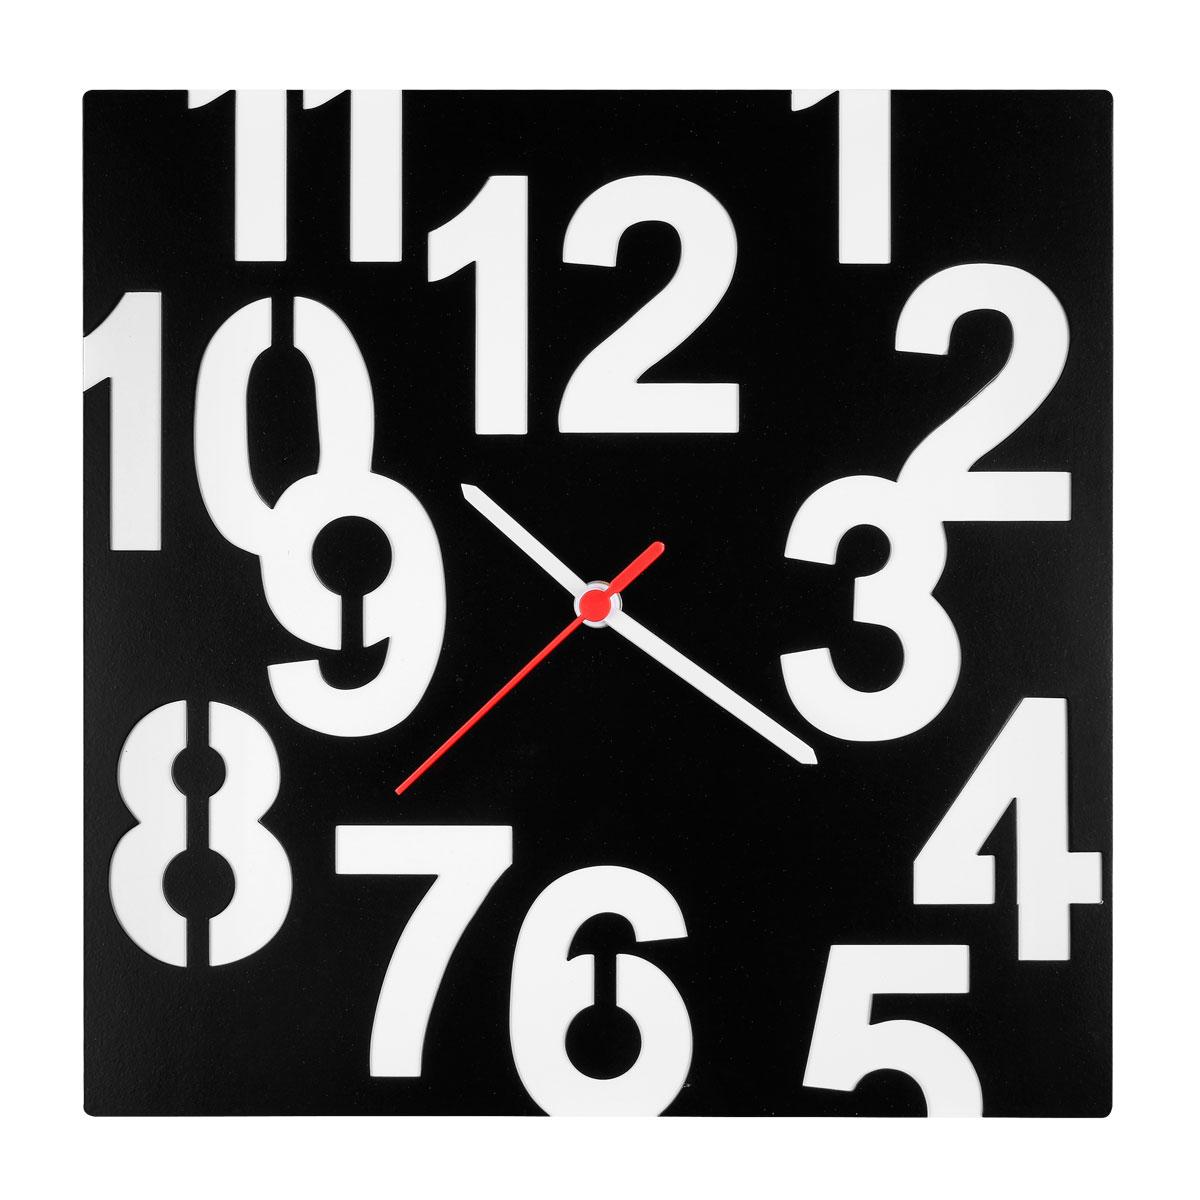 Часы настенные Miolla Квадрат с цифрамиFS-91909Оригинальные настенные часы квадратной формы выполнены из стали. Часы имеют три стрелки - часовую, минутную и секундную и циферблат с цифрами. Необычное дизайнерское решение и качество исполнения придутся по вкусу каждому.Часы работают от 1 батарейки типа АА напряжением 1,5 В.